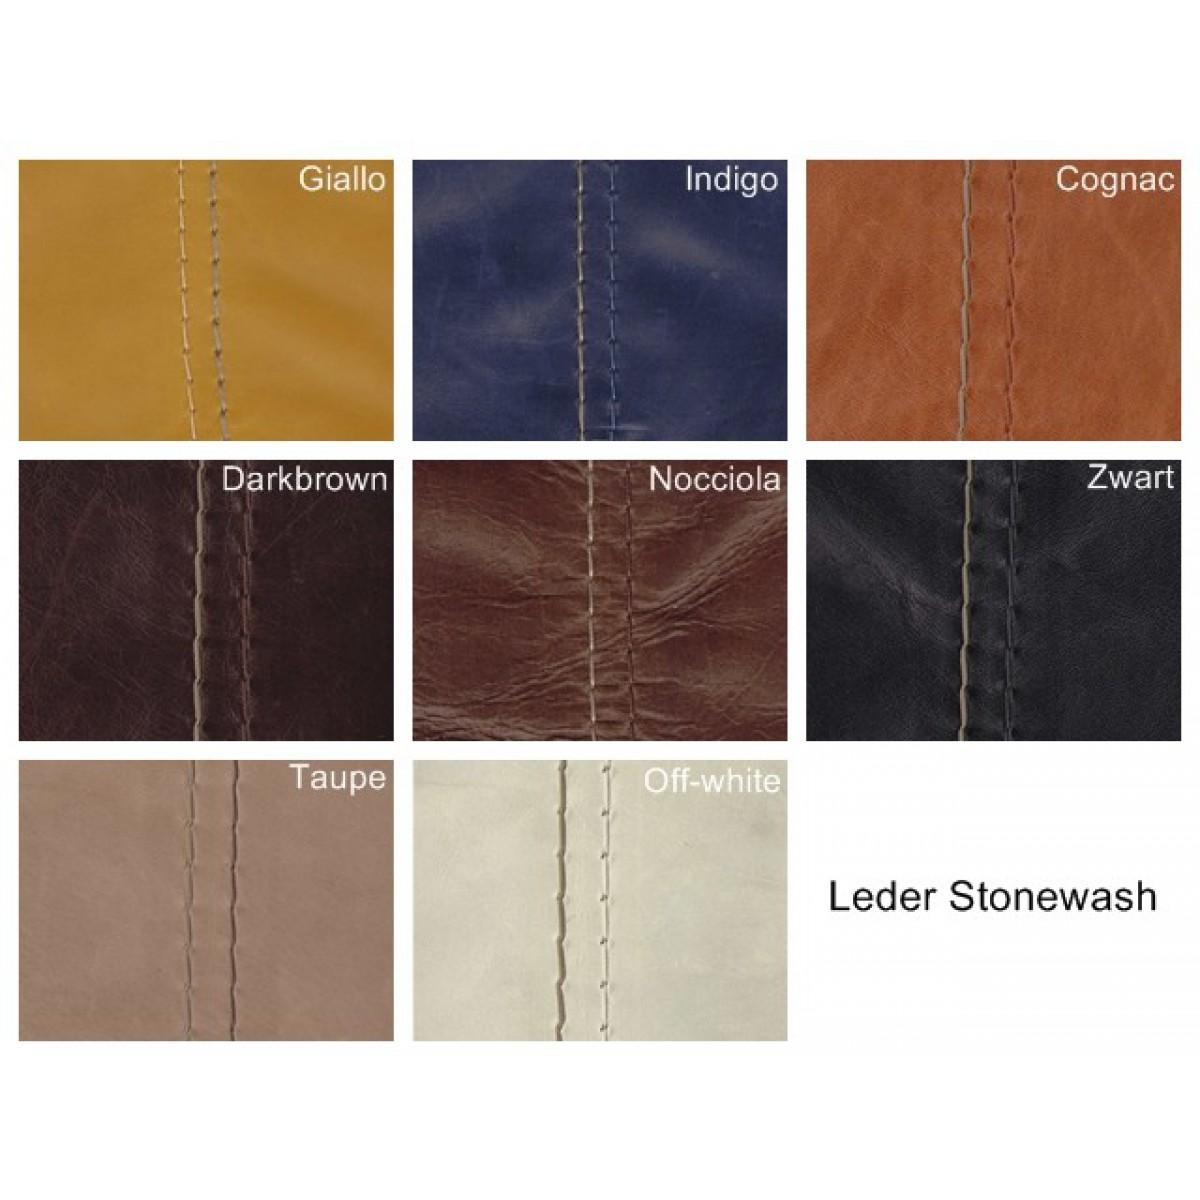 lederstalen-stonewash-leder-het-anker-l'ancora-collections